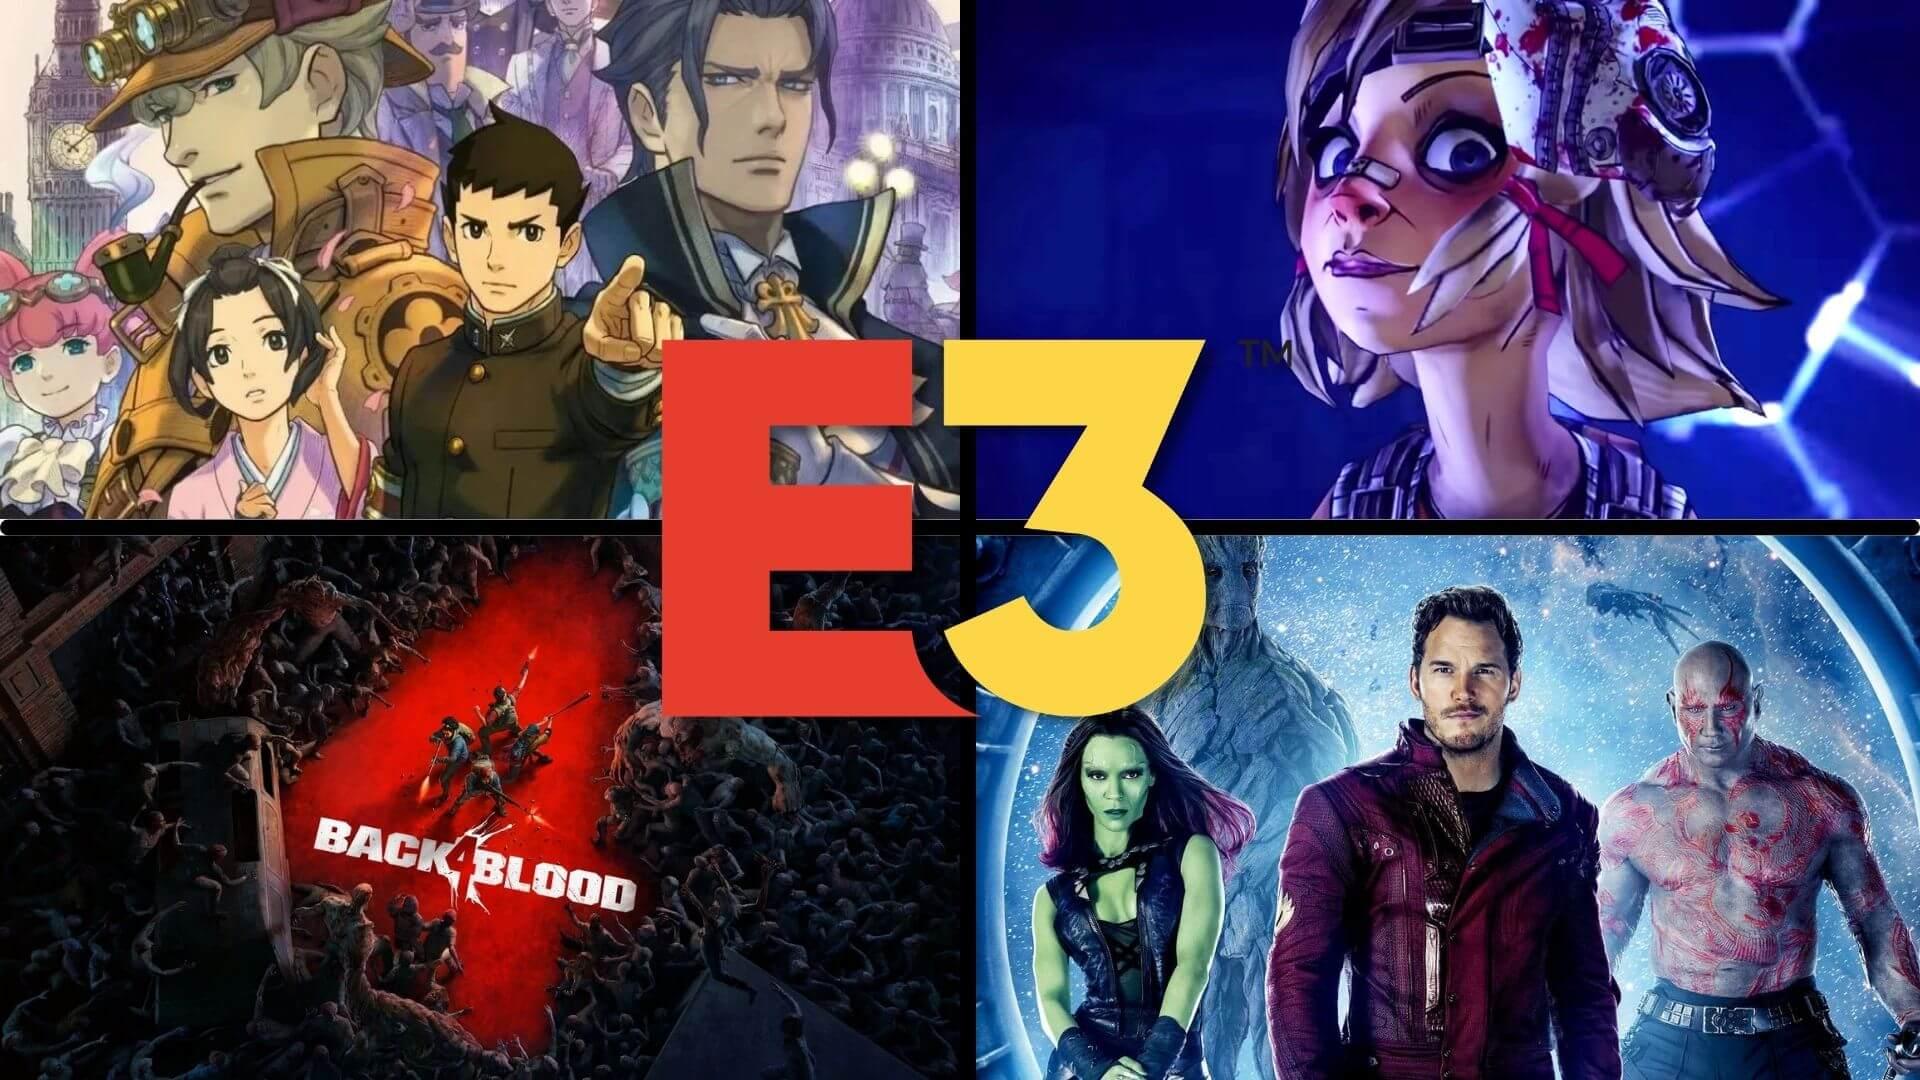 ¿Qué esperar del E3 2021? Te mostramos los juegos que podrían revelarse en el evento